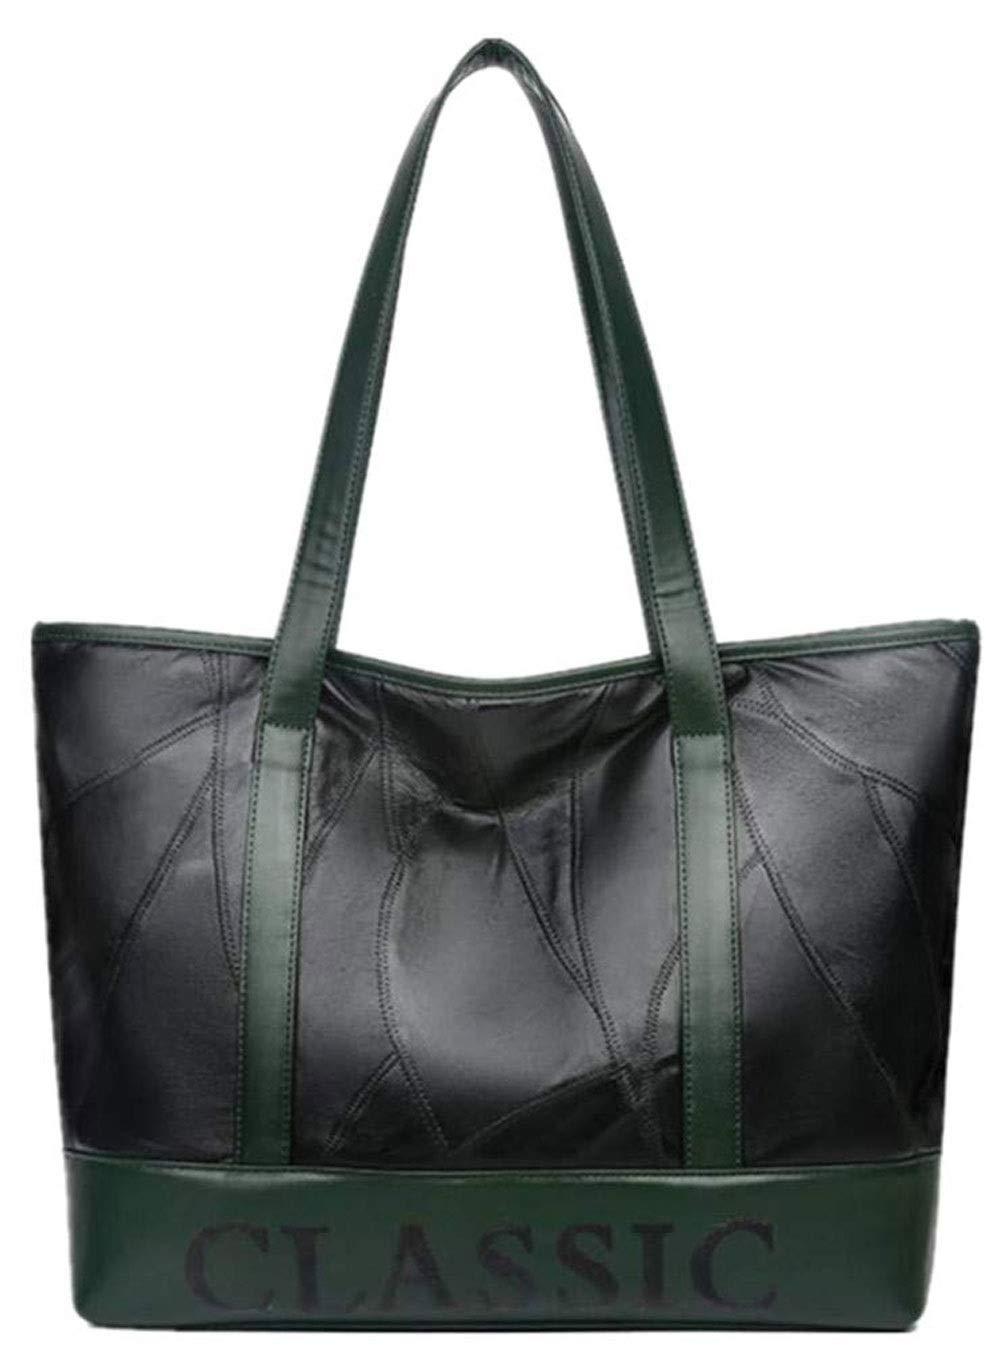 LEOO Frauen Top Griff Satchel Handtaschen Schultertasche Tote Purse Messenger Bags (Farbe   Grün) B07PYTQTV2 Umhngetaschen Eleganter Stil